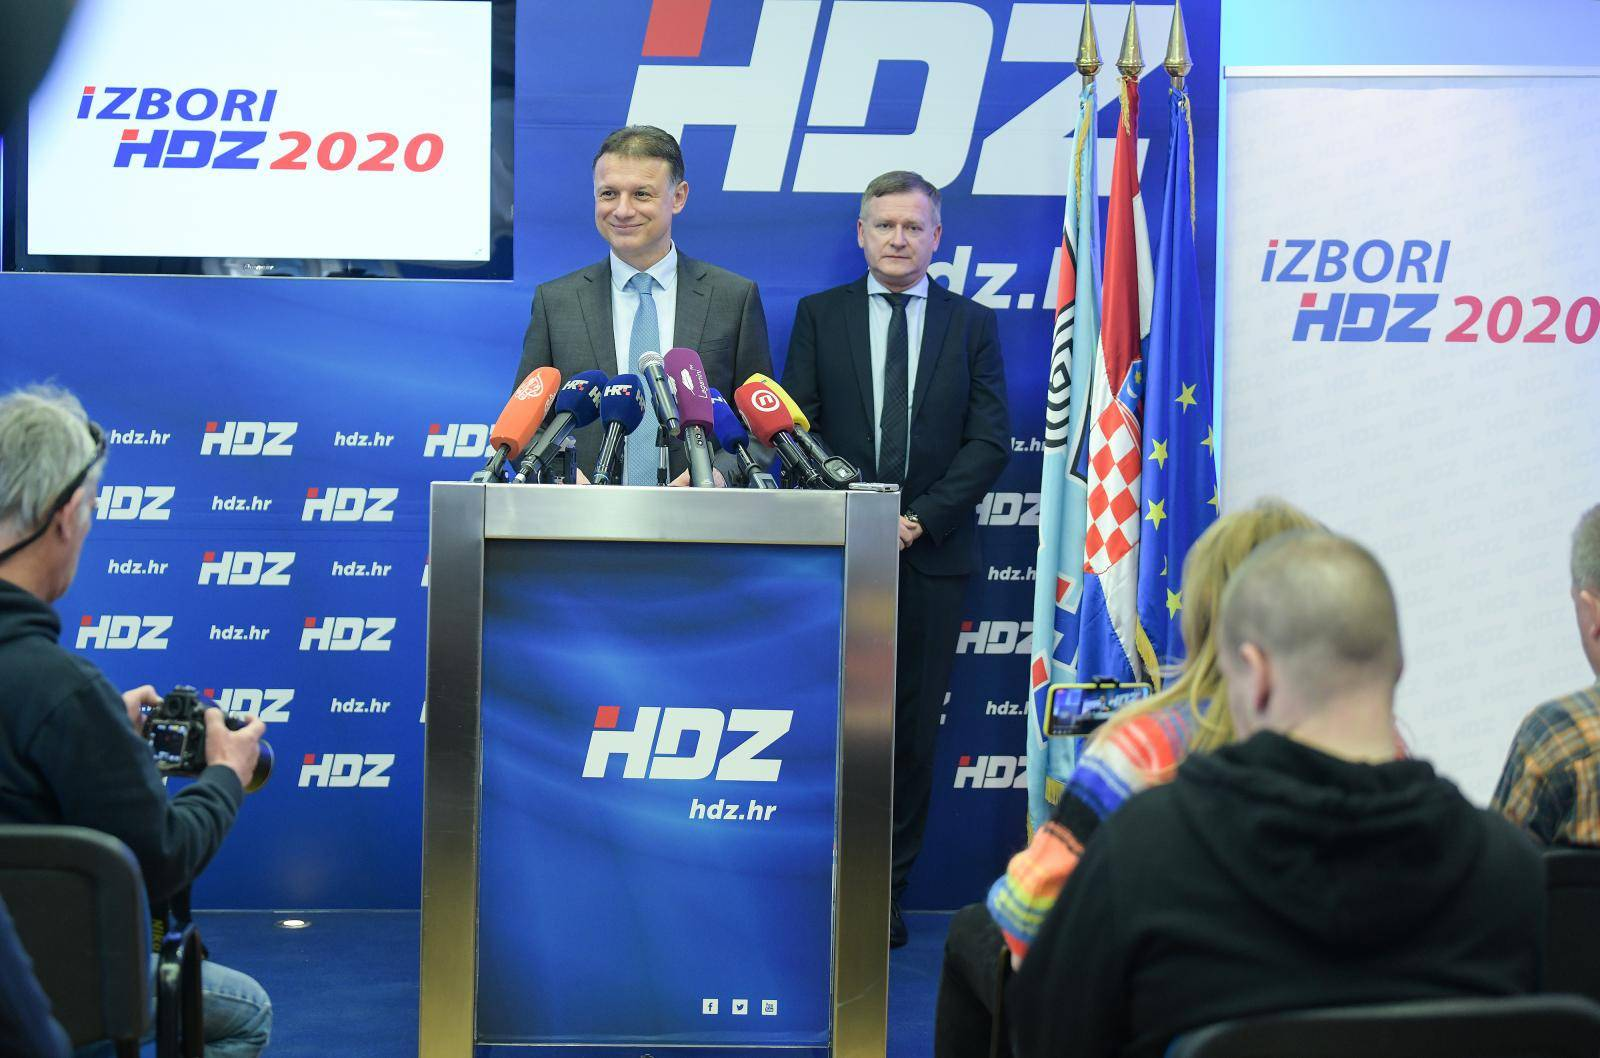 Korona ih nije zaustavila: HDZ u nedjelju bira svoje čelnike